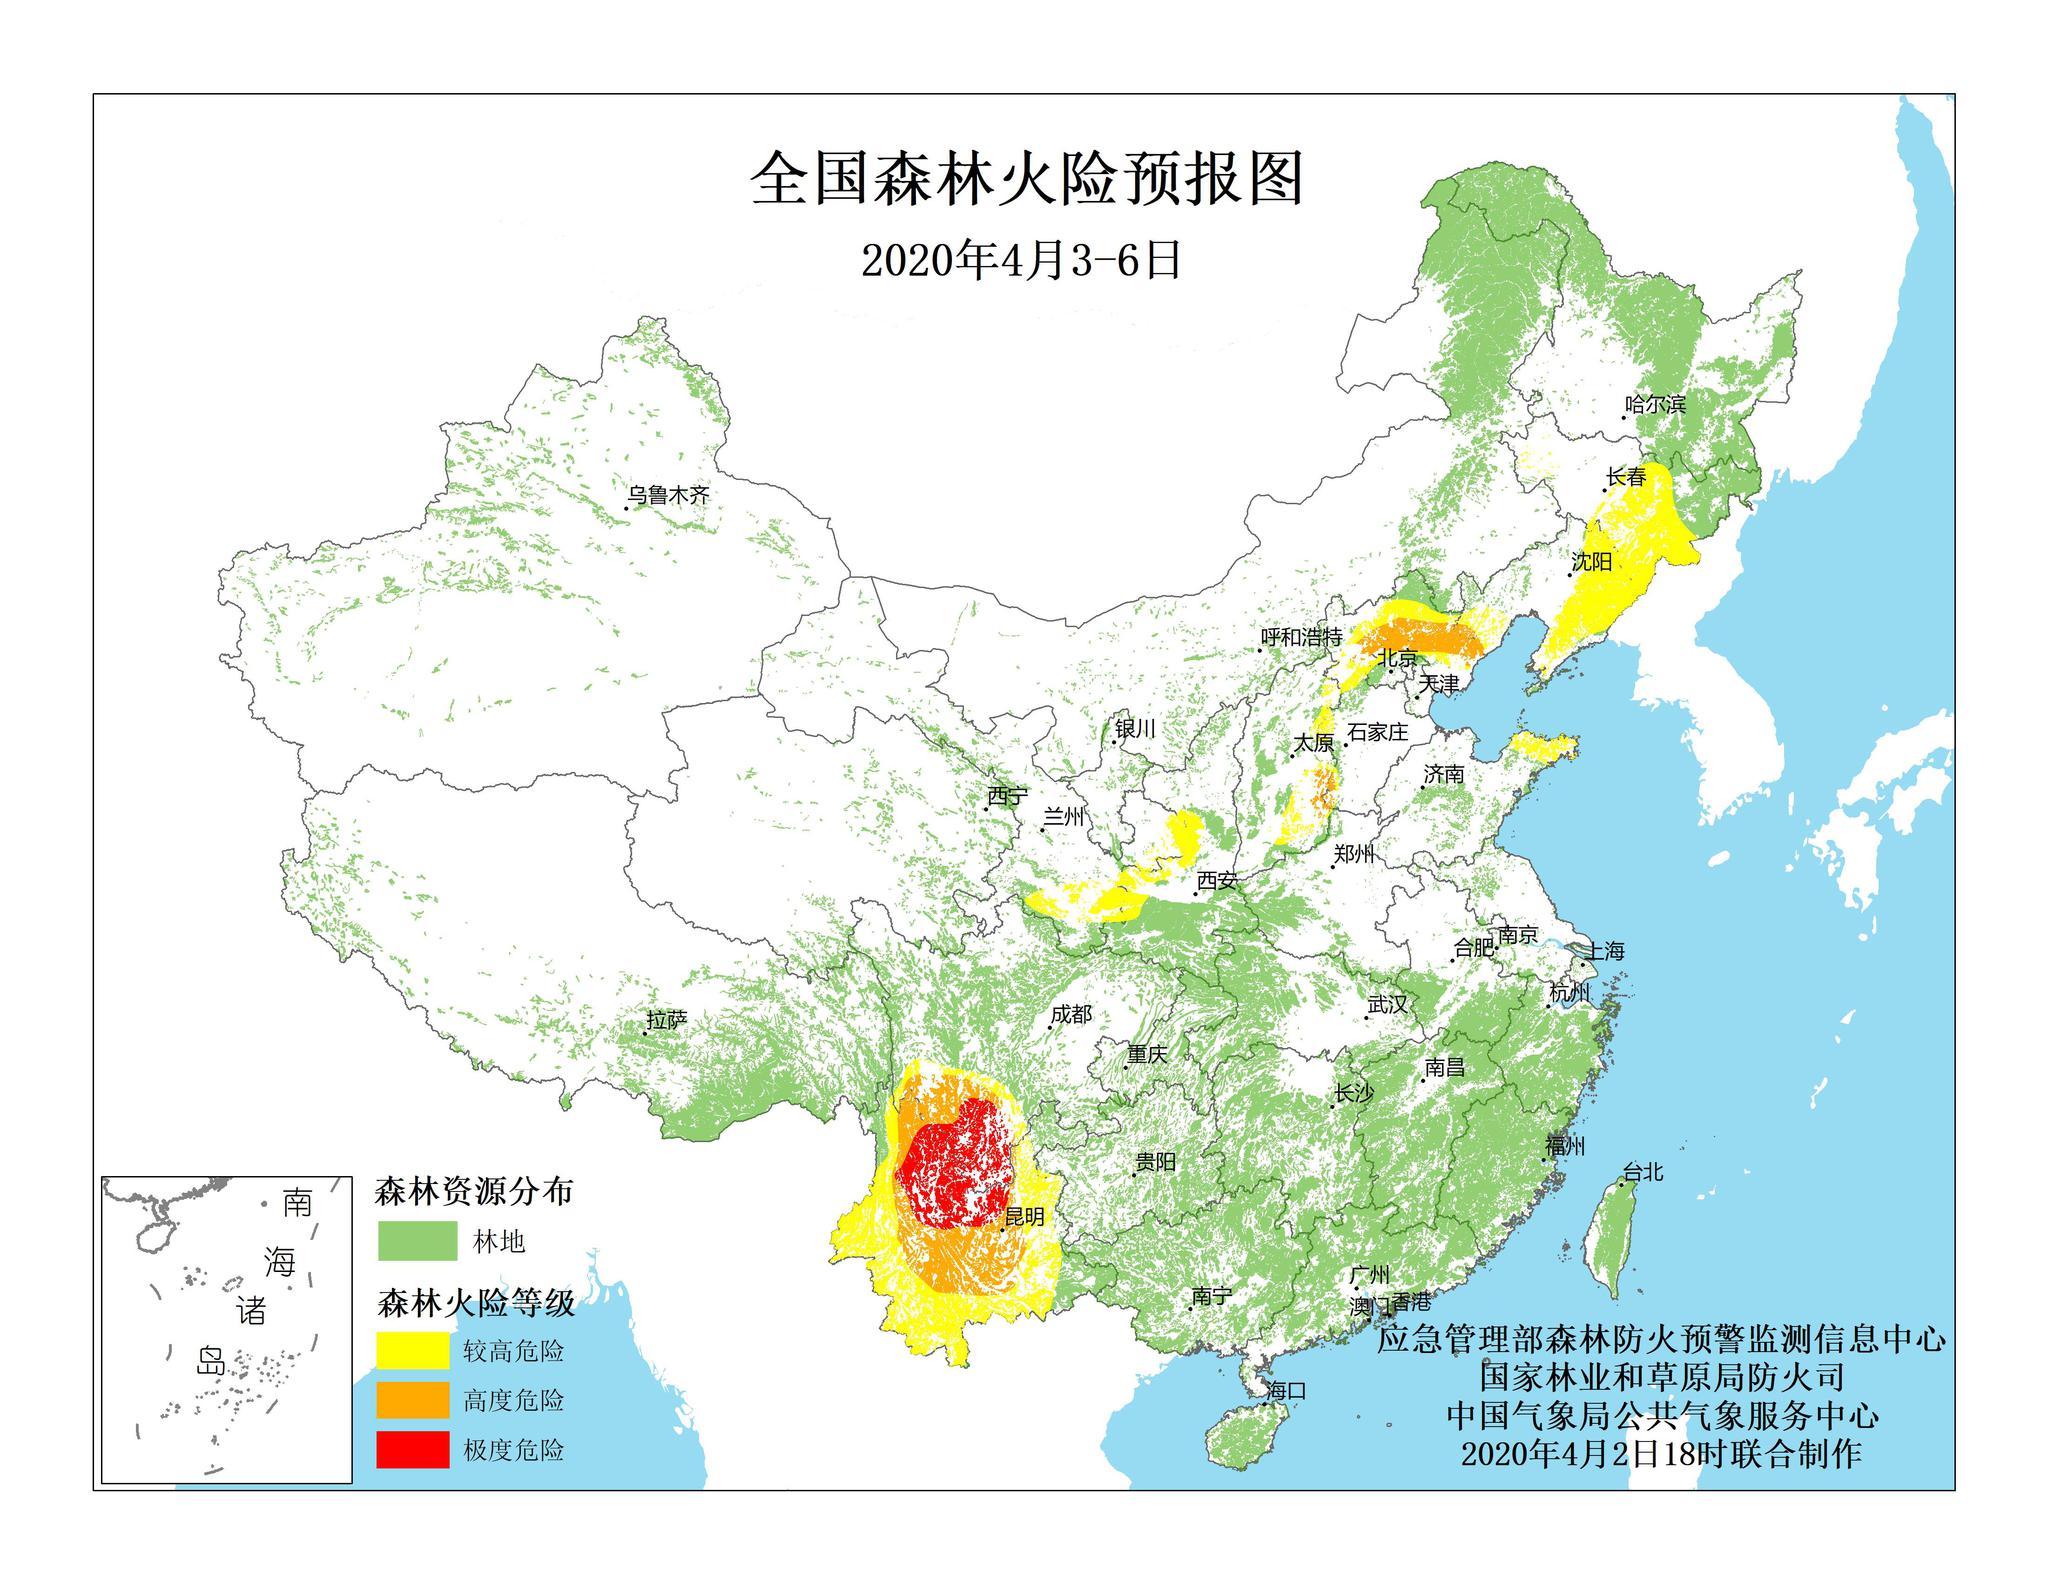 三部门联合发布今年首个高森林火险红色预警图片